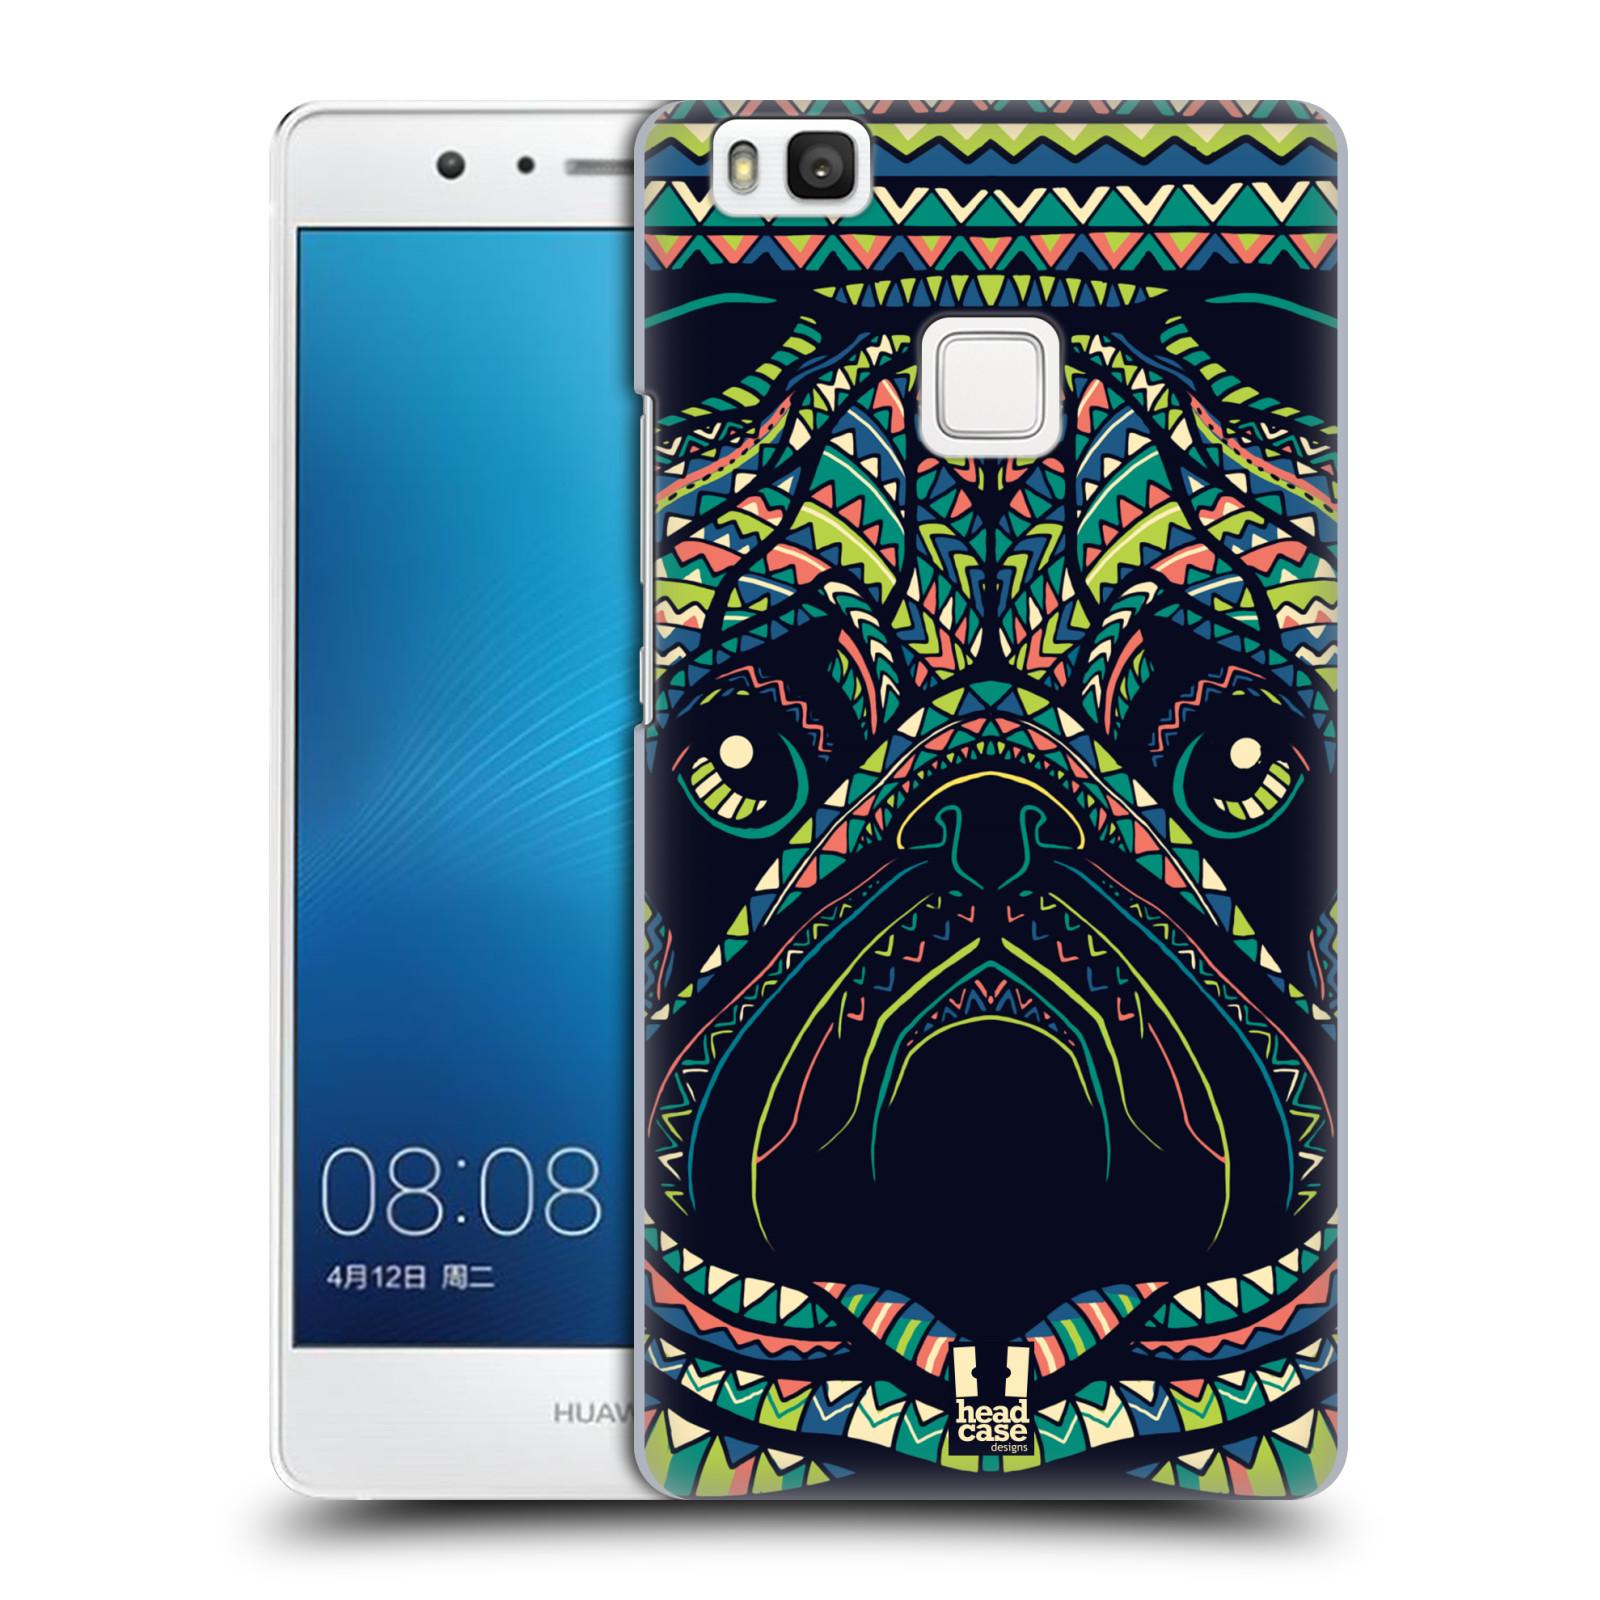 HEAD CASE plastový obal na mobil Huawei P9 LITE / P9 LITE DUAL SIM vzor Aztécký motiv zvíře 3 mopsík